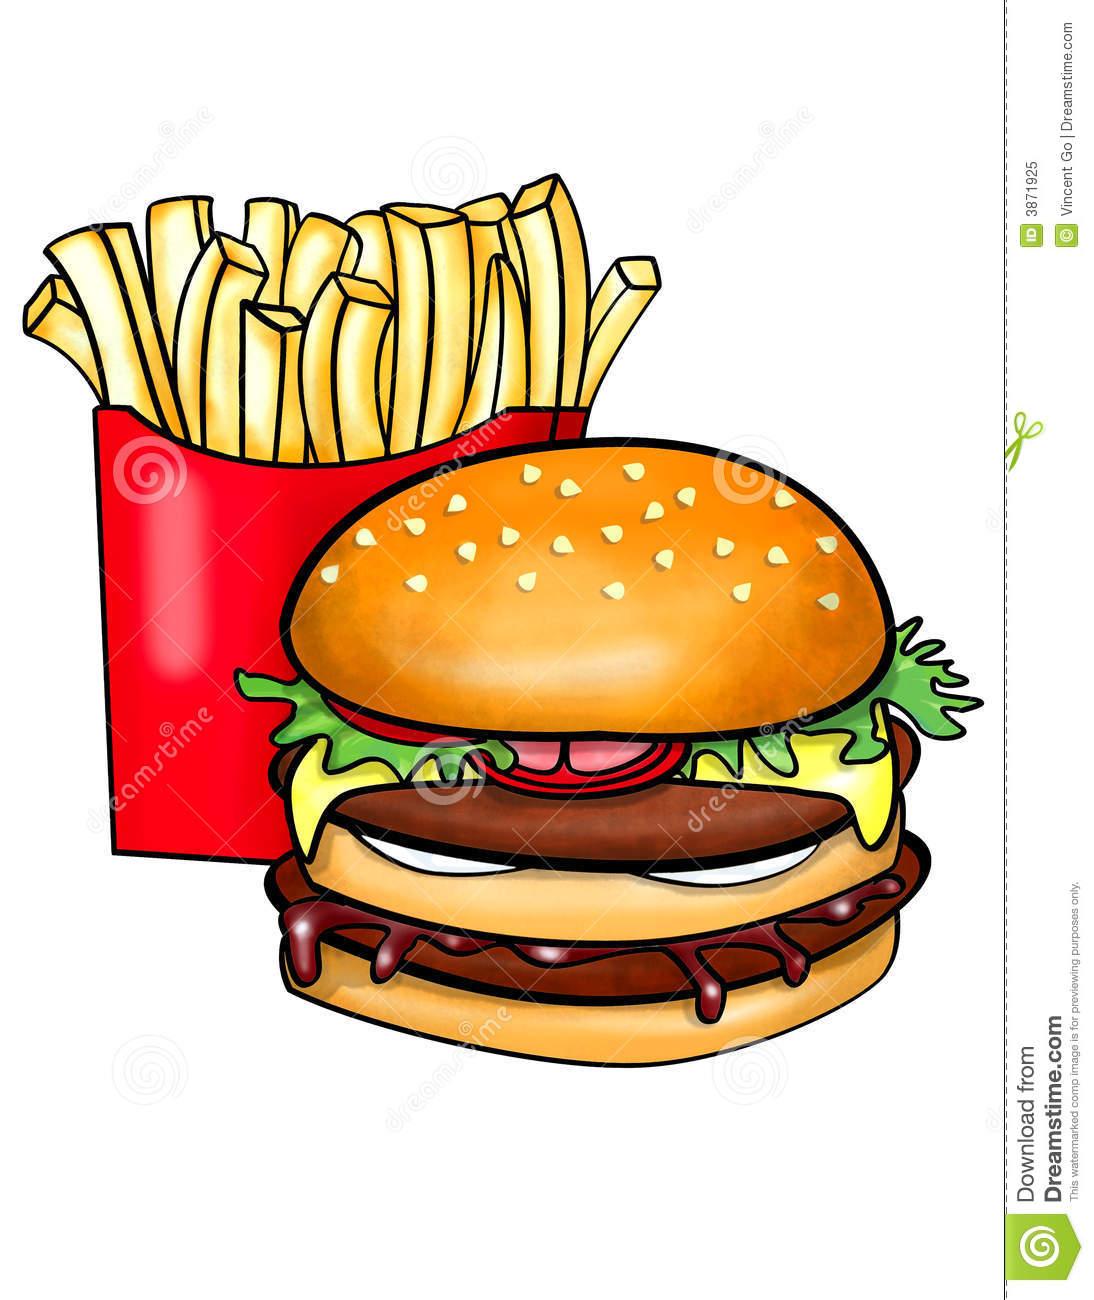 Cheeseburger burger chip